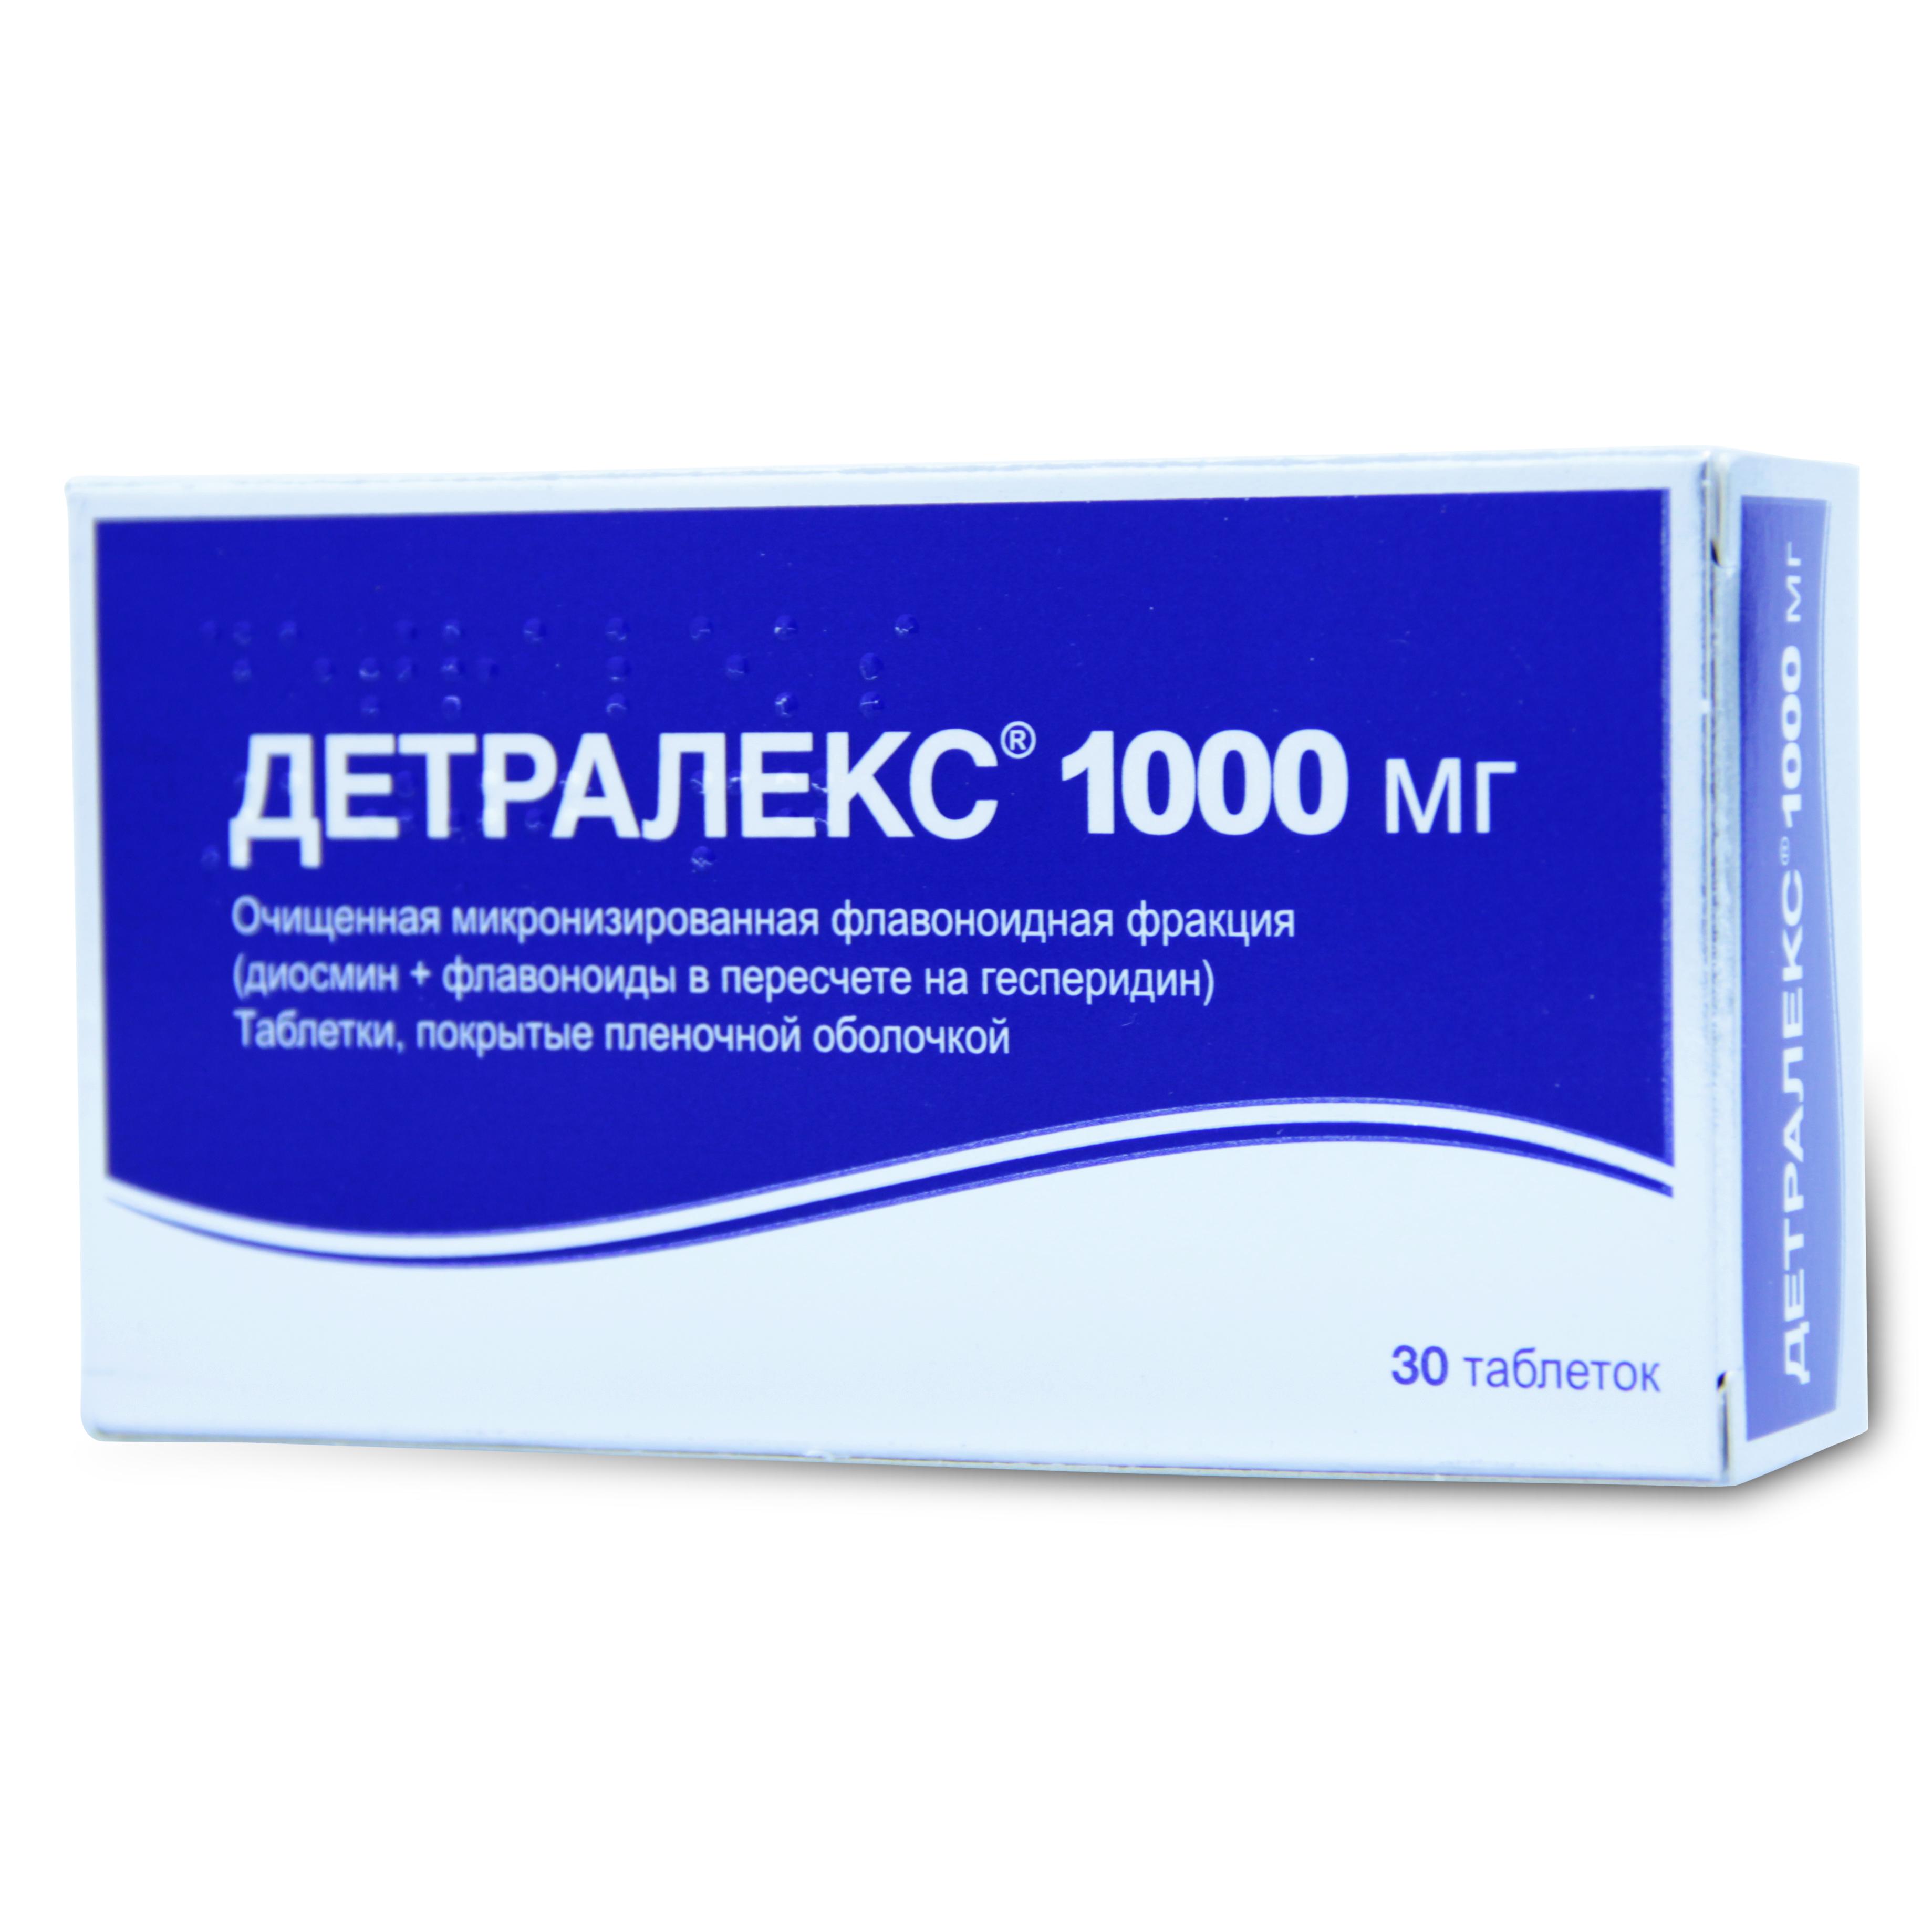 Аналоги таблеток детралекс